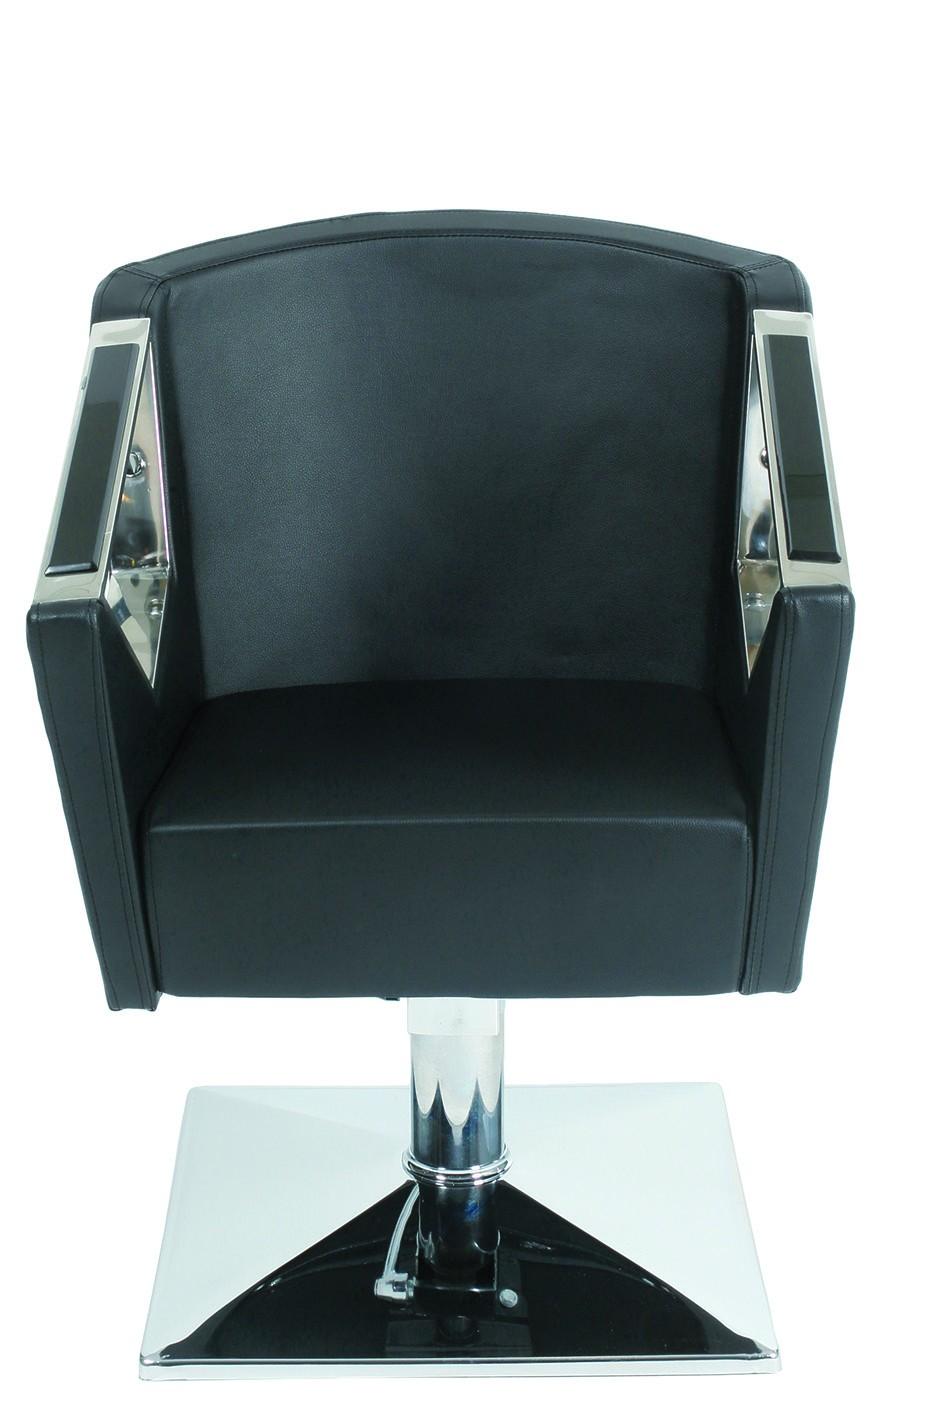 """כיסא לקוח הידראולי דגם 8828.  בוכנה גבוהה. אחריות שנתיים על הבוכנה. מחיר לא כולל מע""""מ ולא כולל הובלה."""